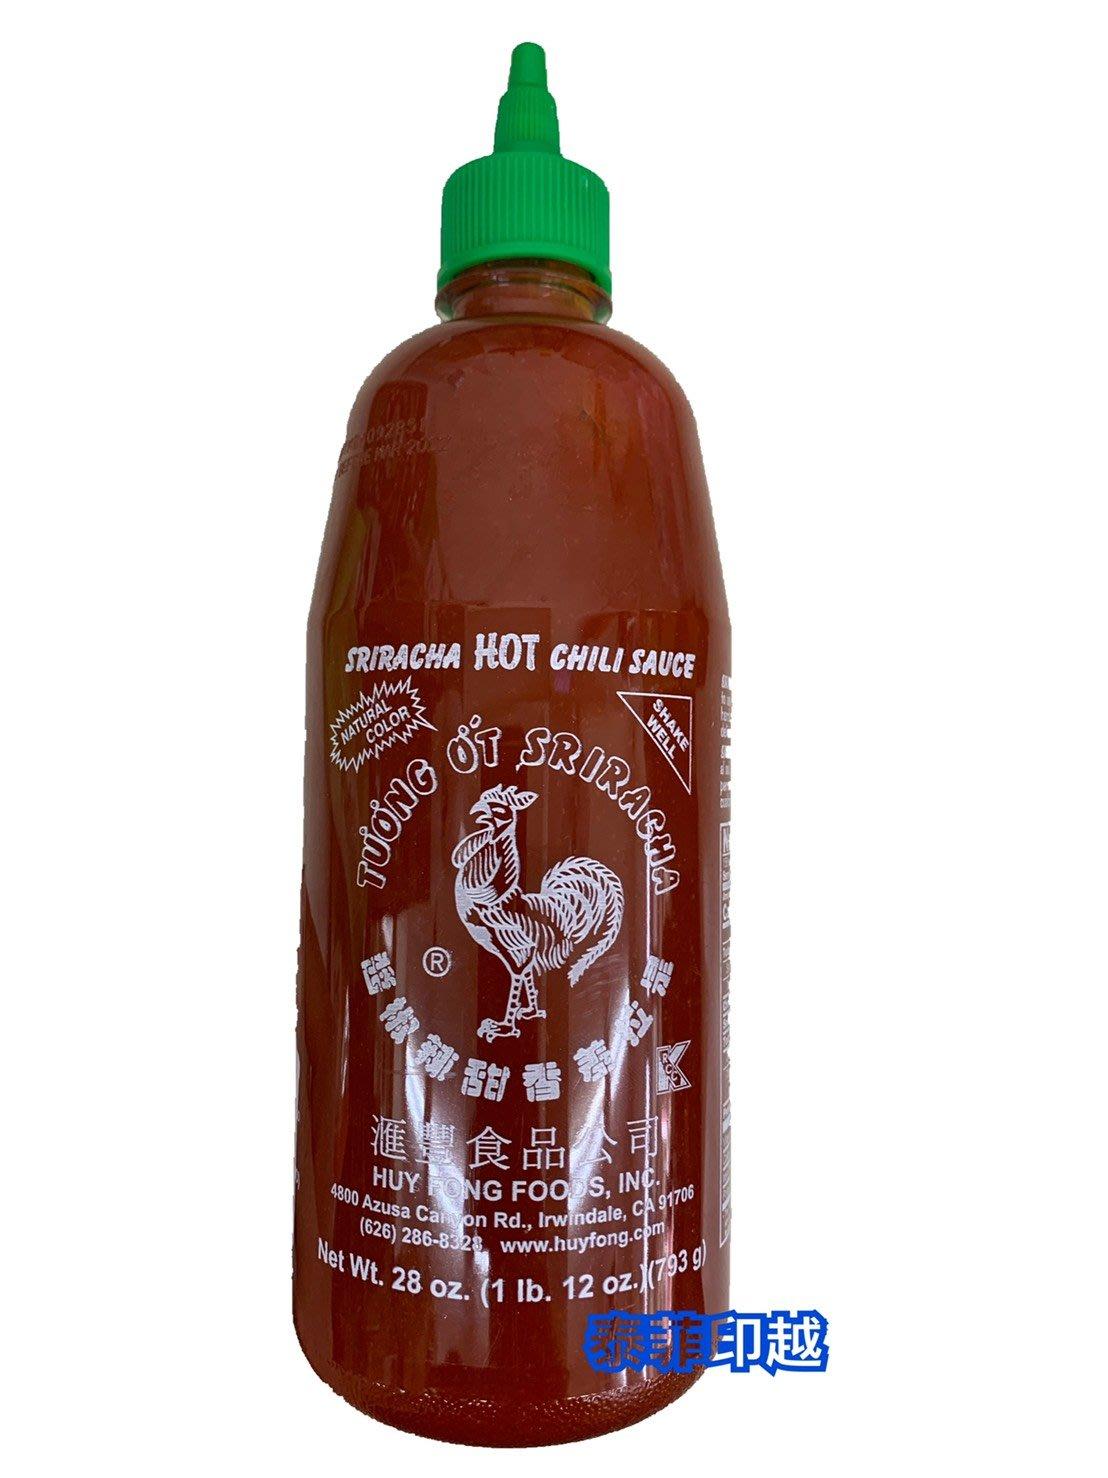 {泰菲印越} 美國 匯豐食品公司 是拉差香甜辣椒醬 793克